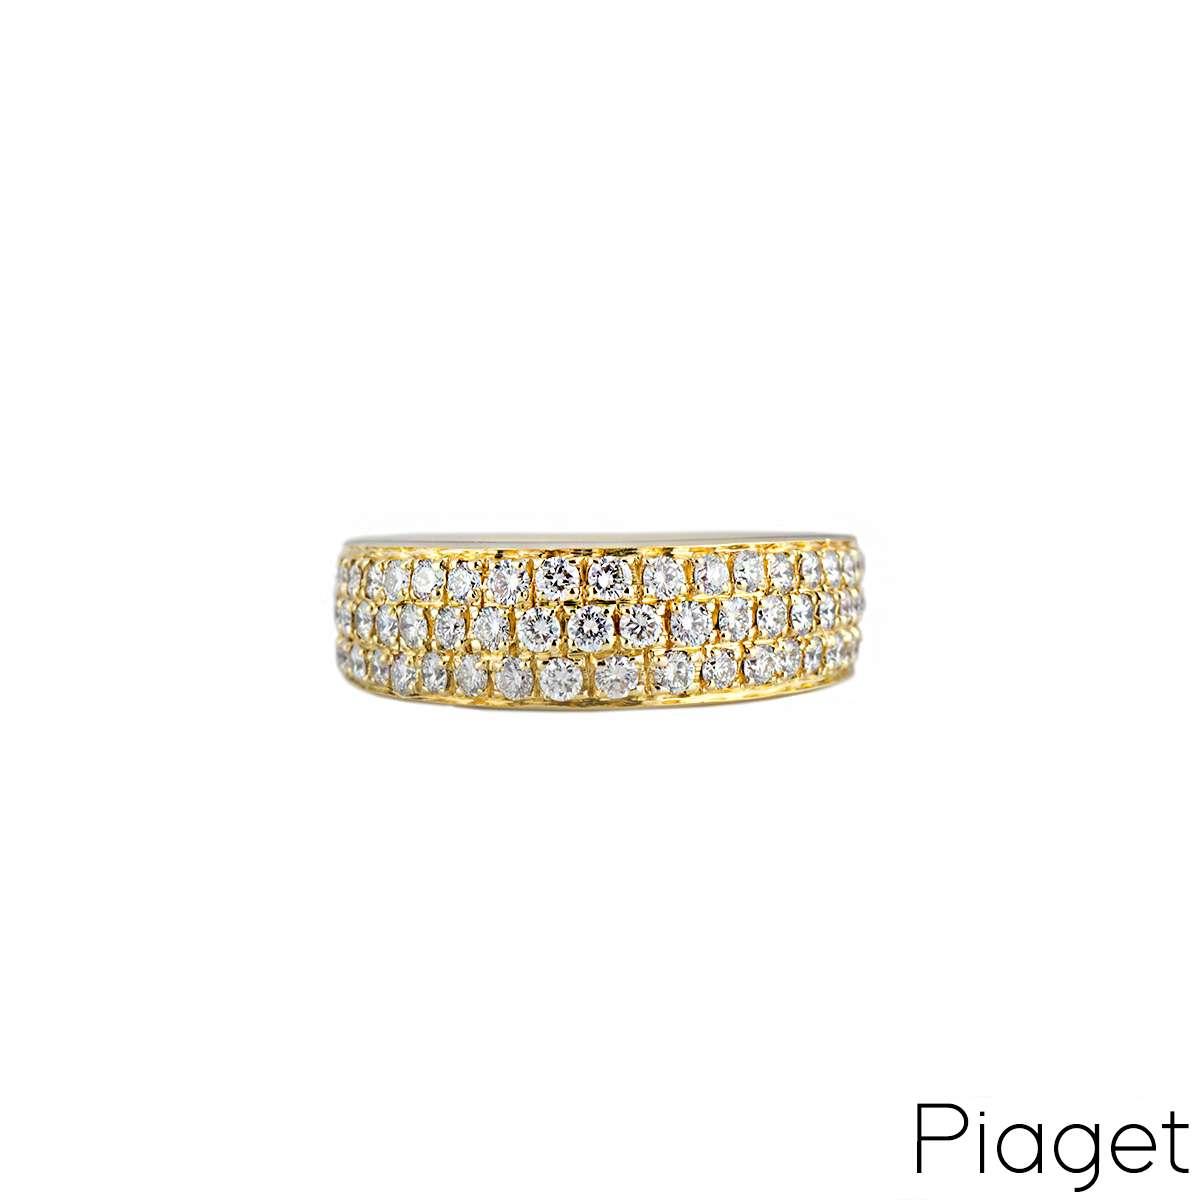 Piaget 18k Yellow Gold Diamond Set Dress Ring